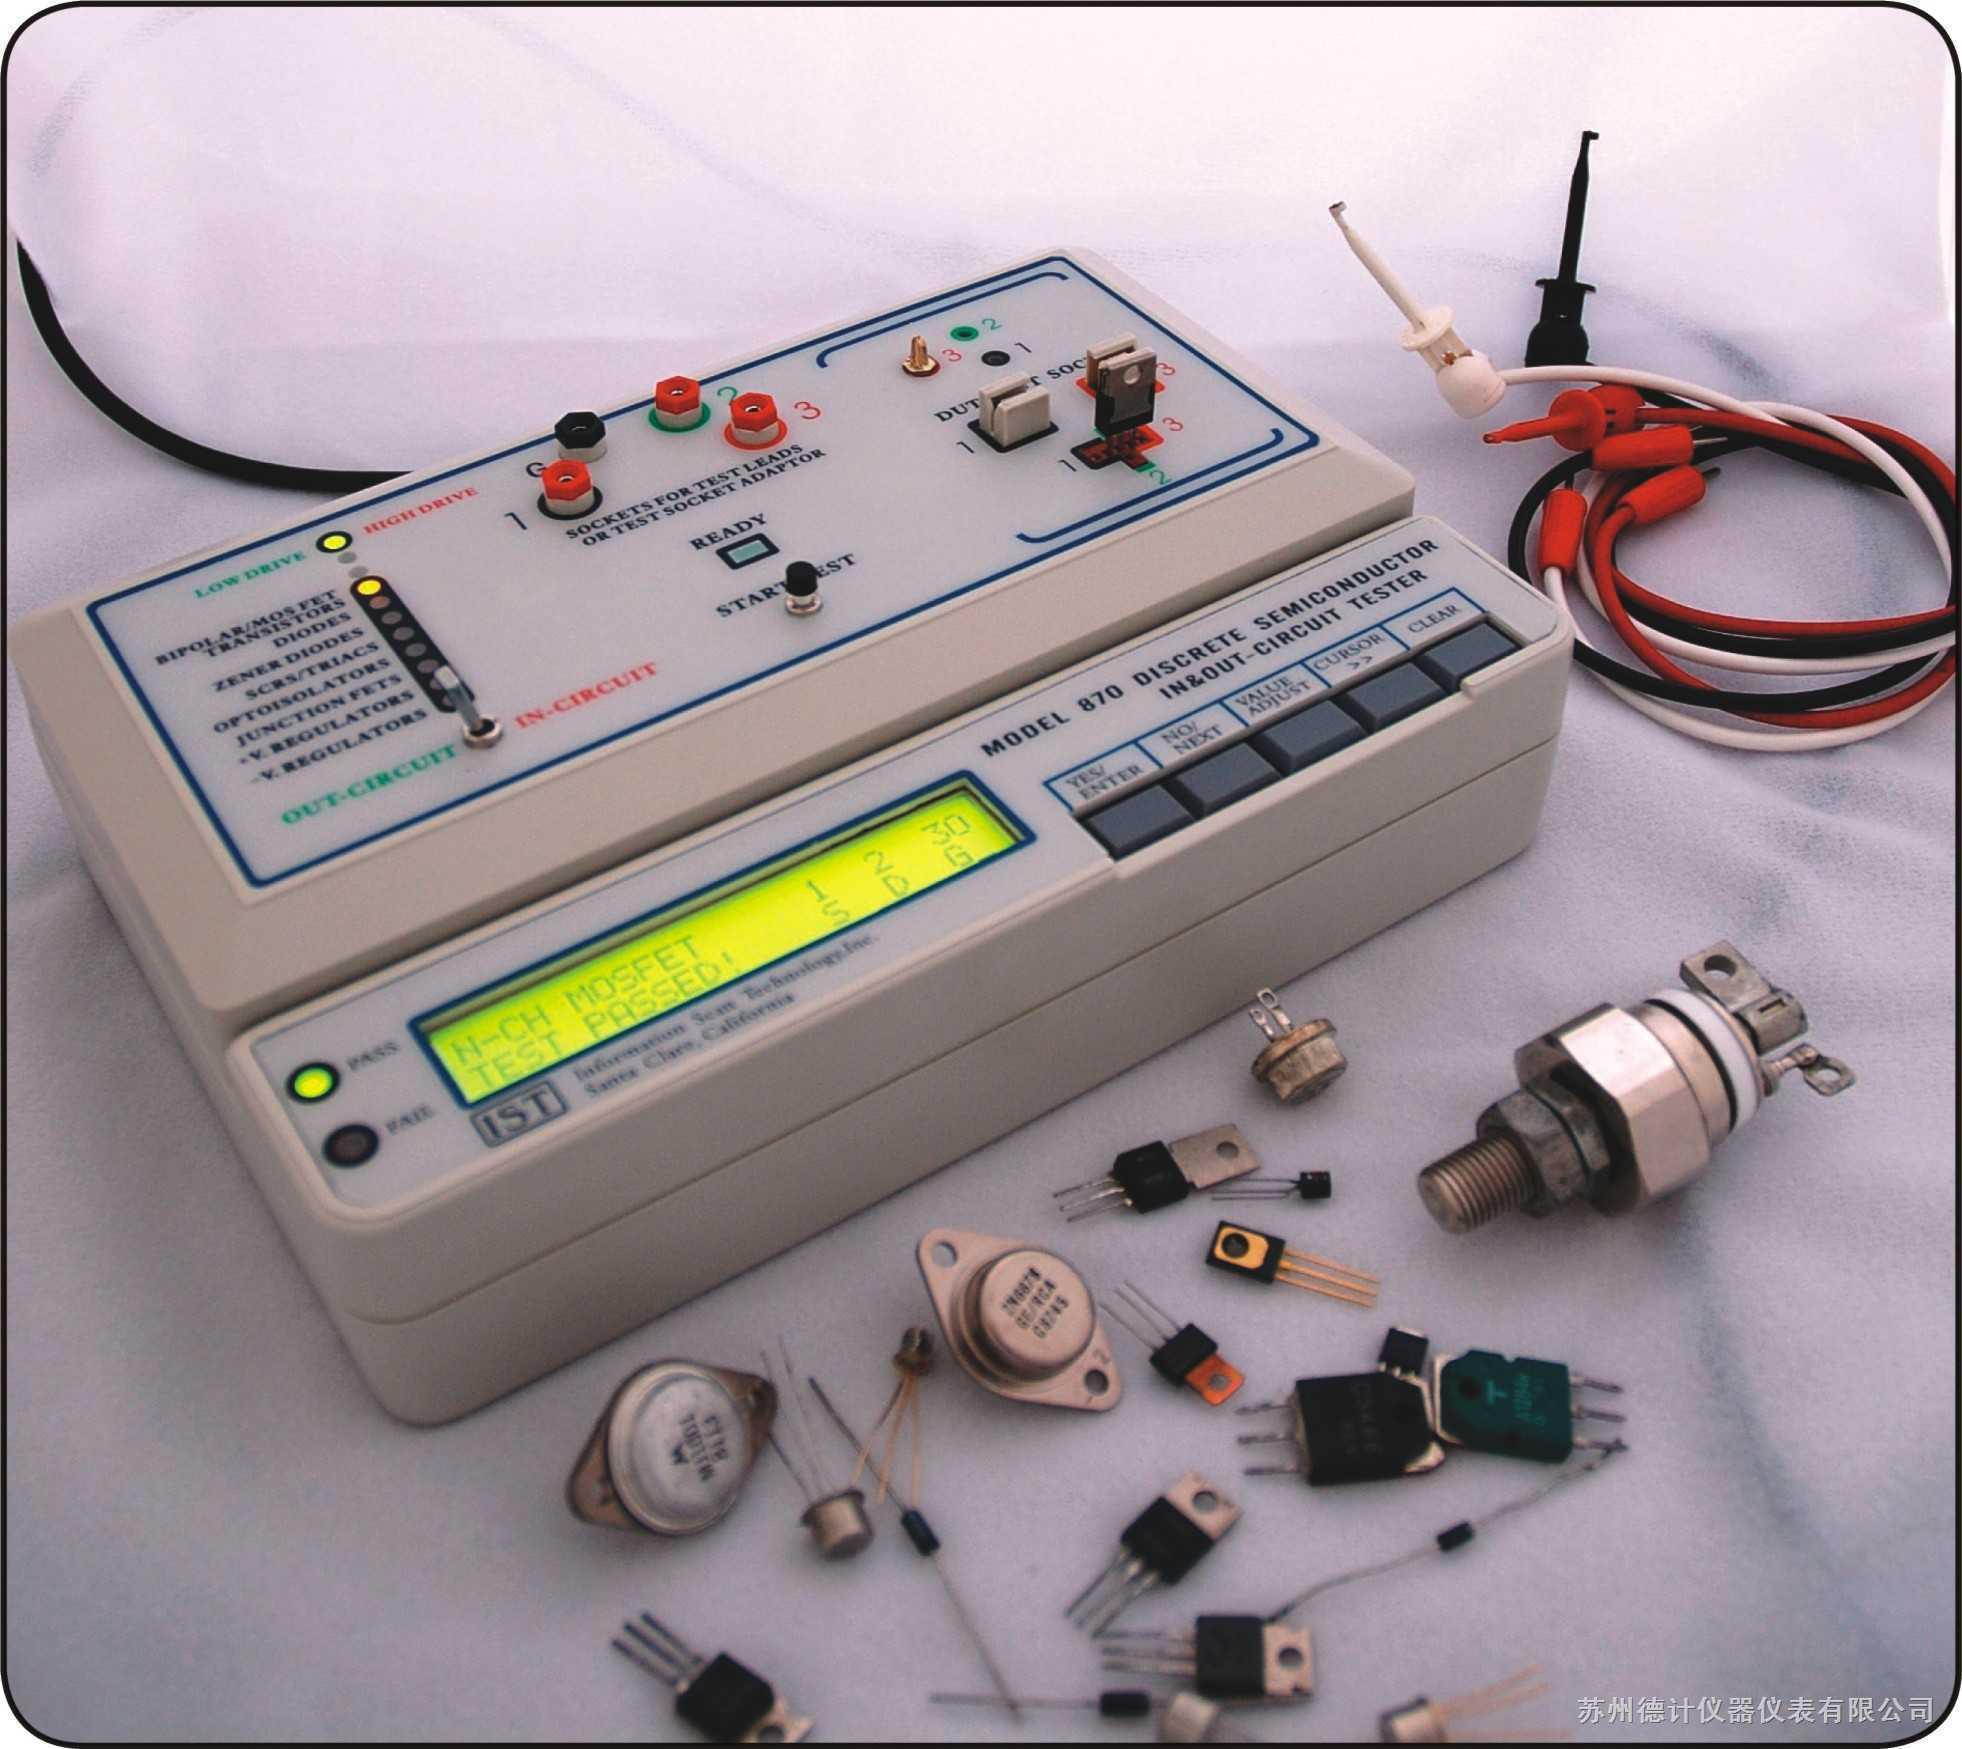 苏州德计仪器仪表有限公司 集成电路测试仪 > ist870半导体分立器件